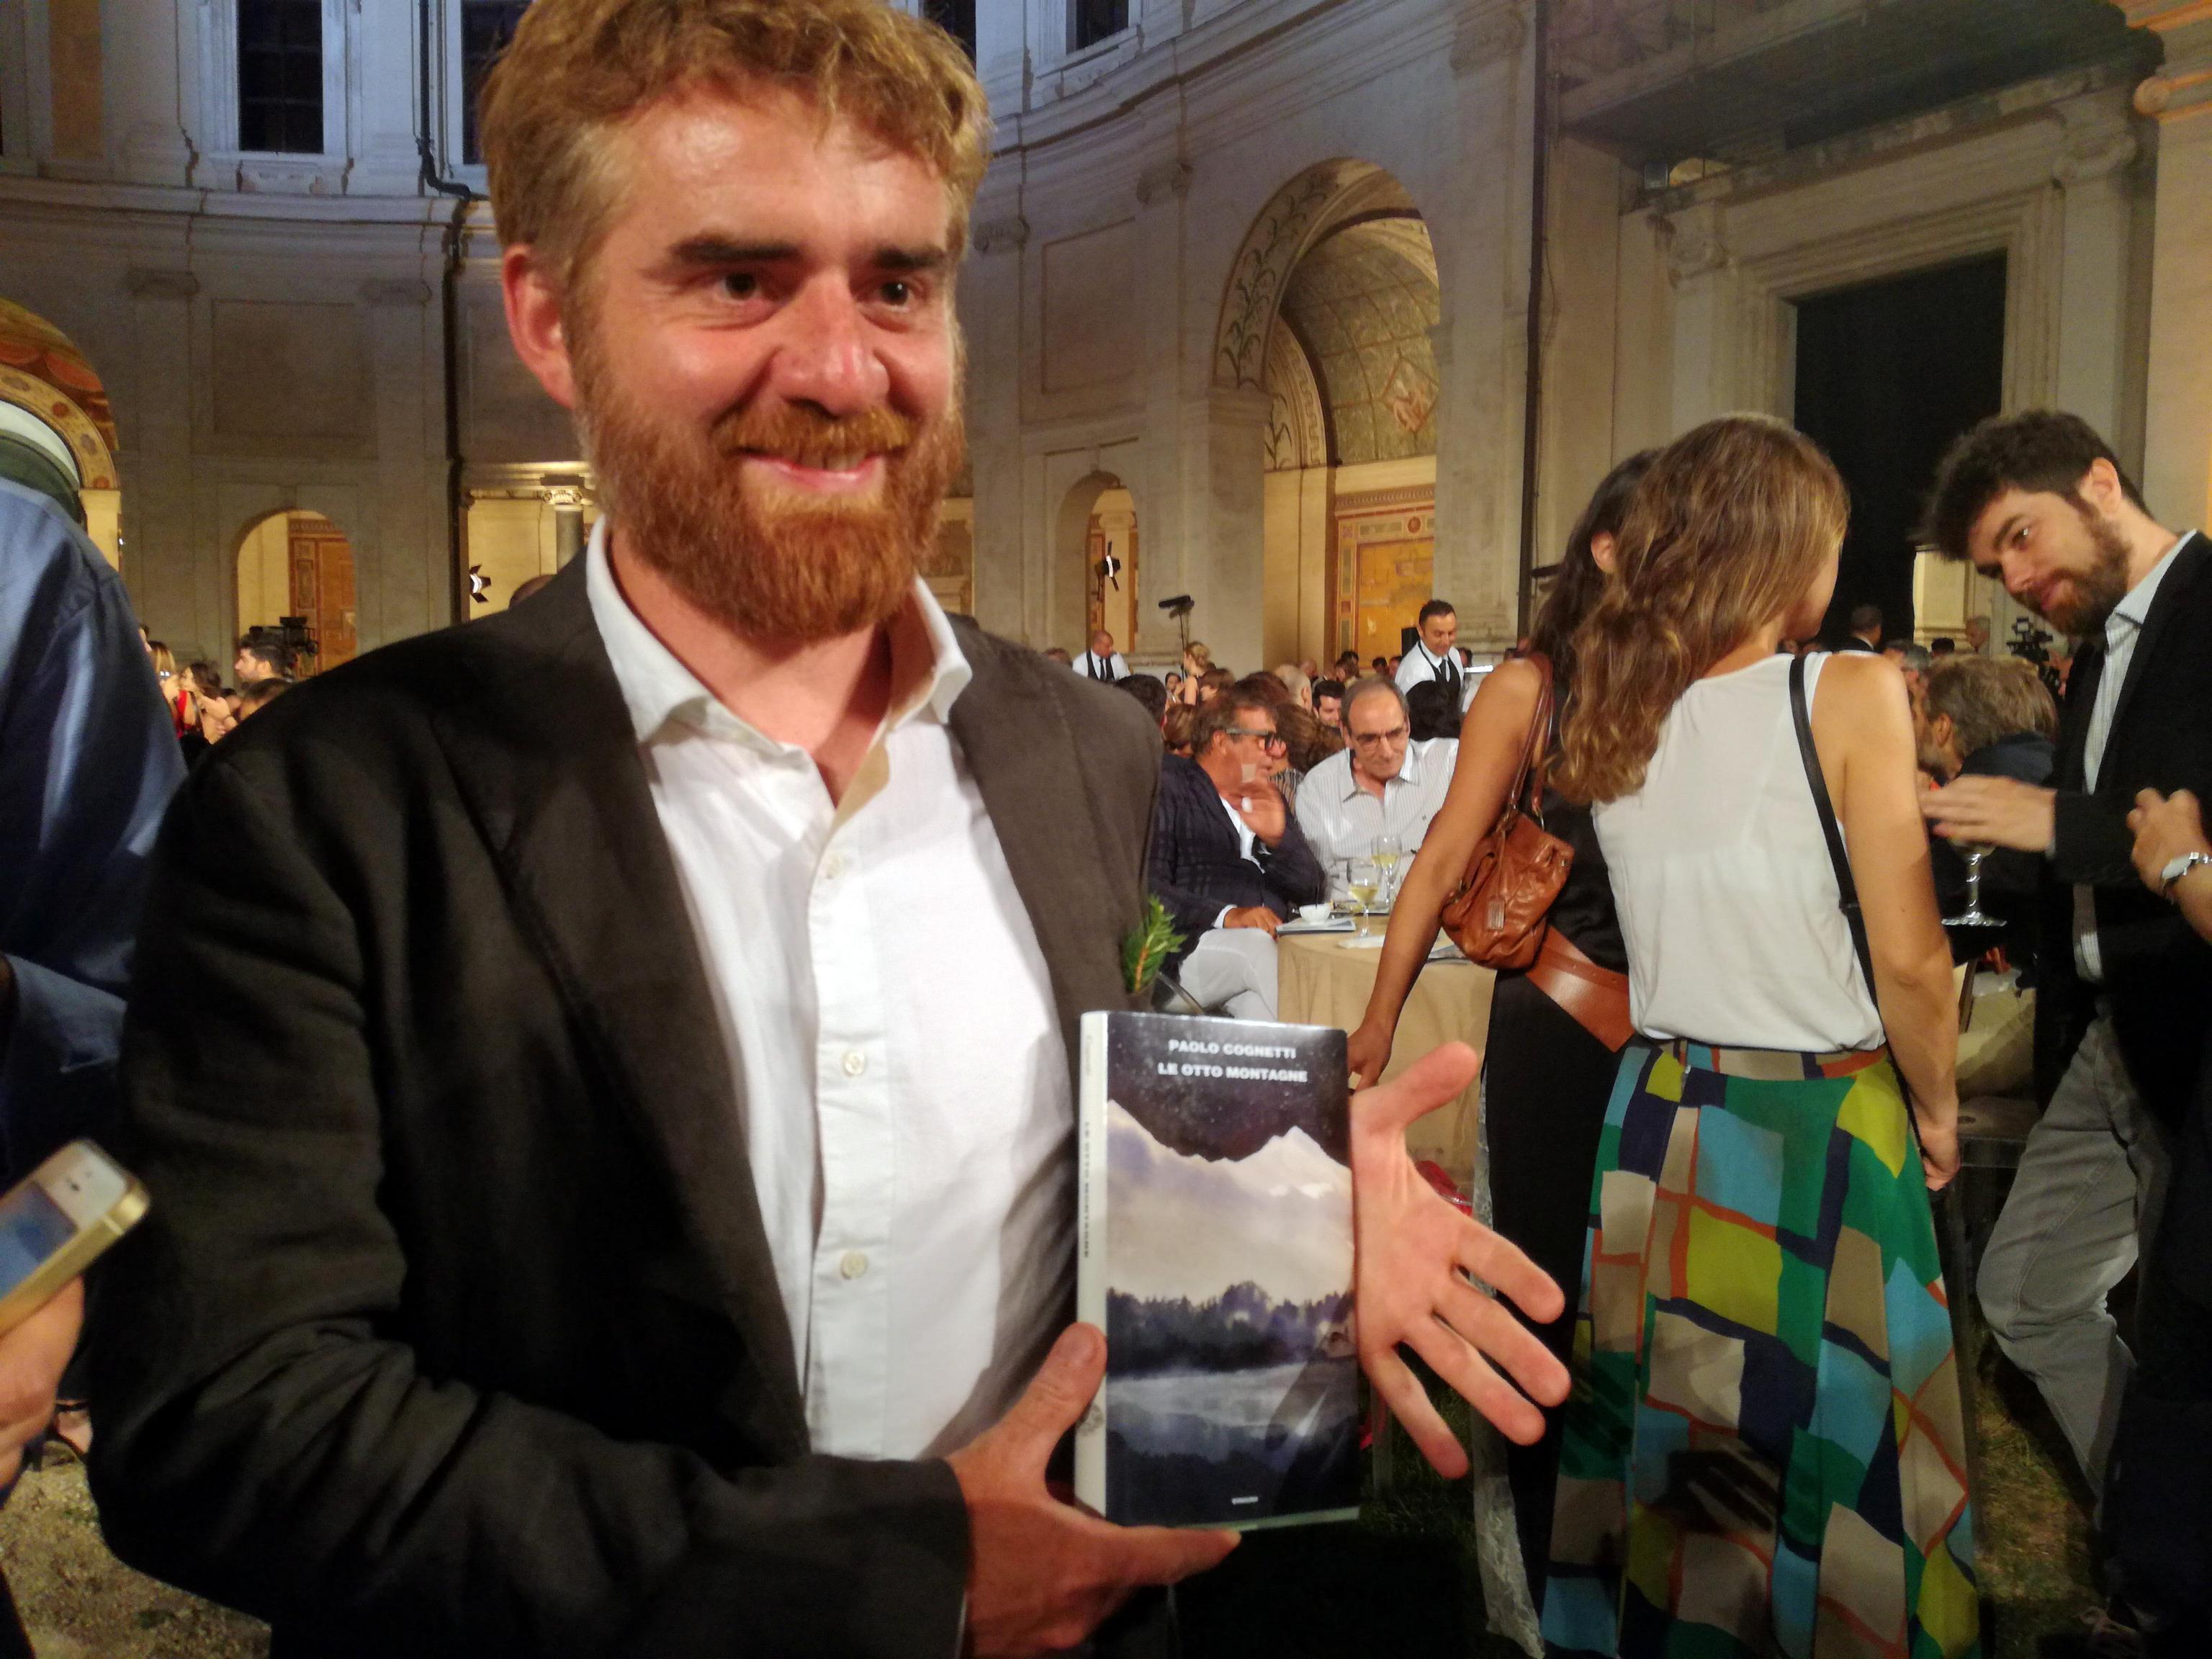 Paolo Cognetti: i libri dello scrittore che ha vinto il Premio Strega, da Le otto montagne a Sofia si veste sempre di nero